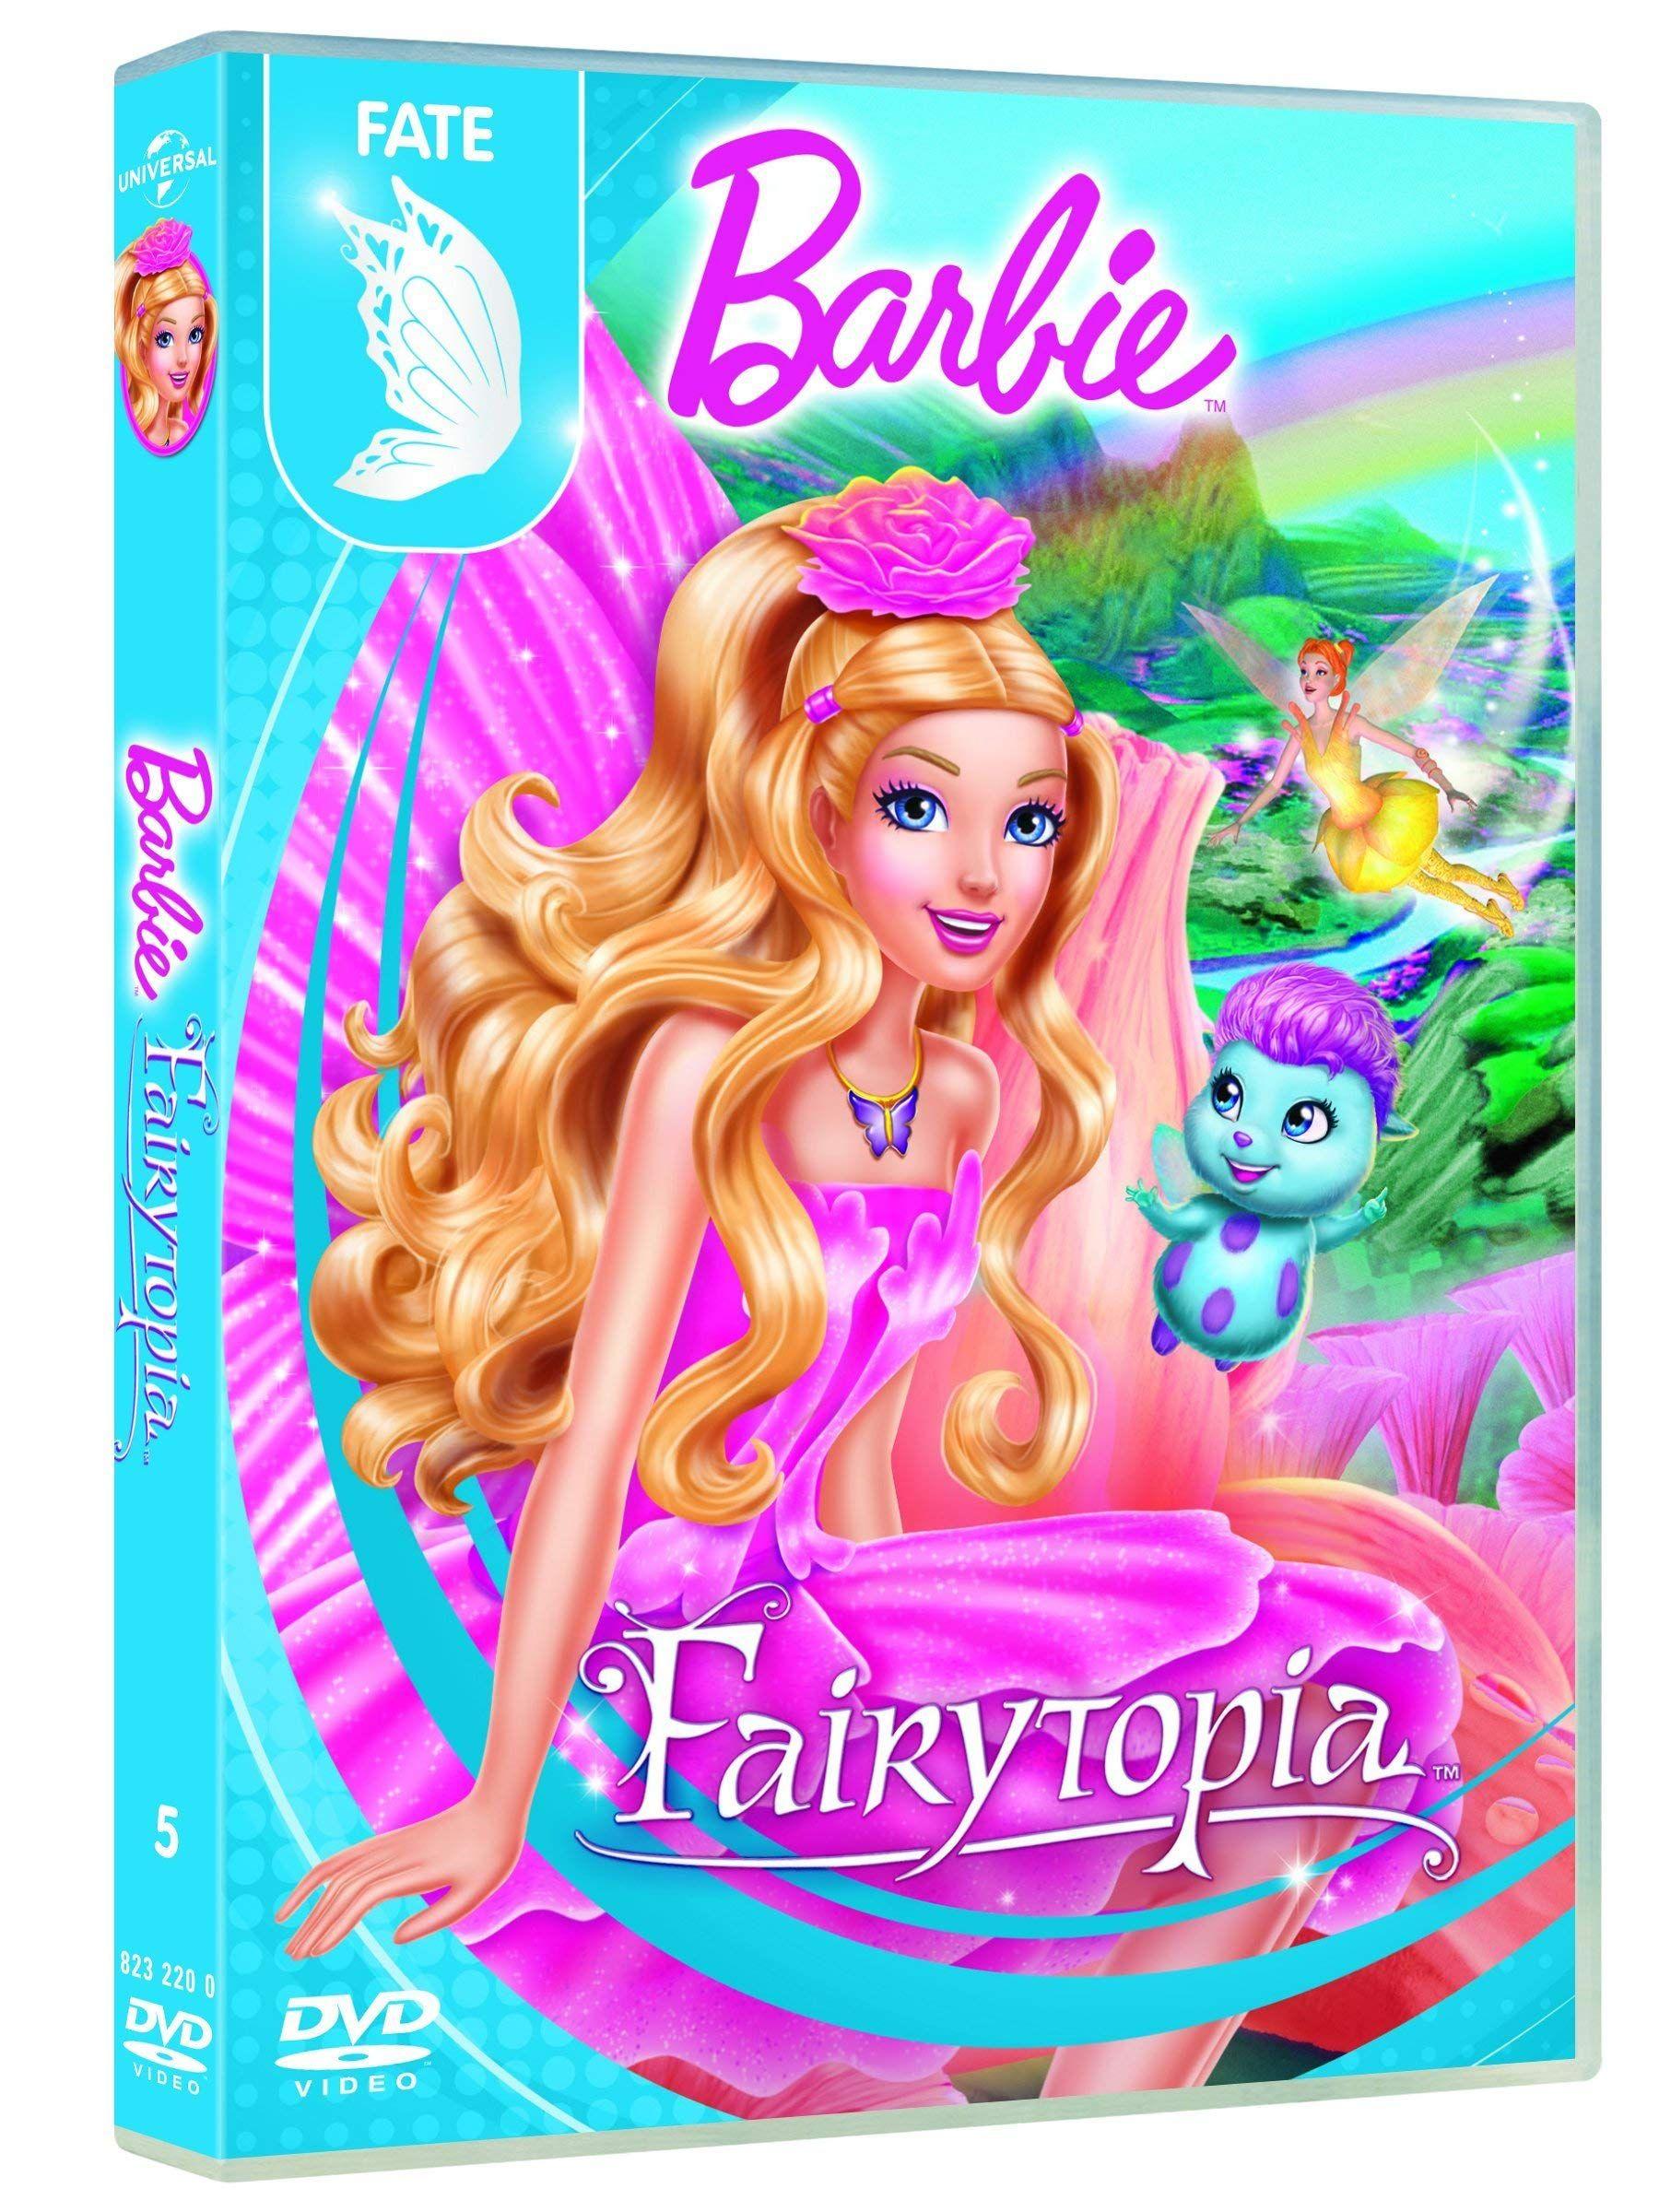 Barbie fairytopia barbie fairytopia with images